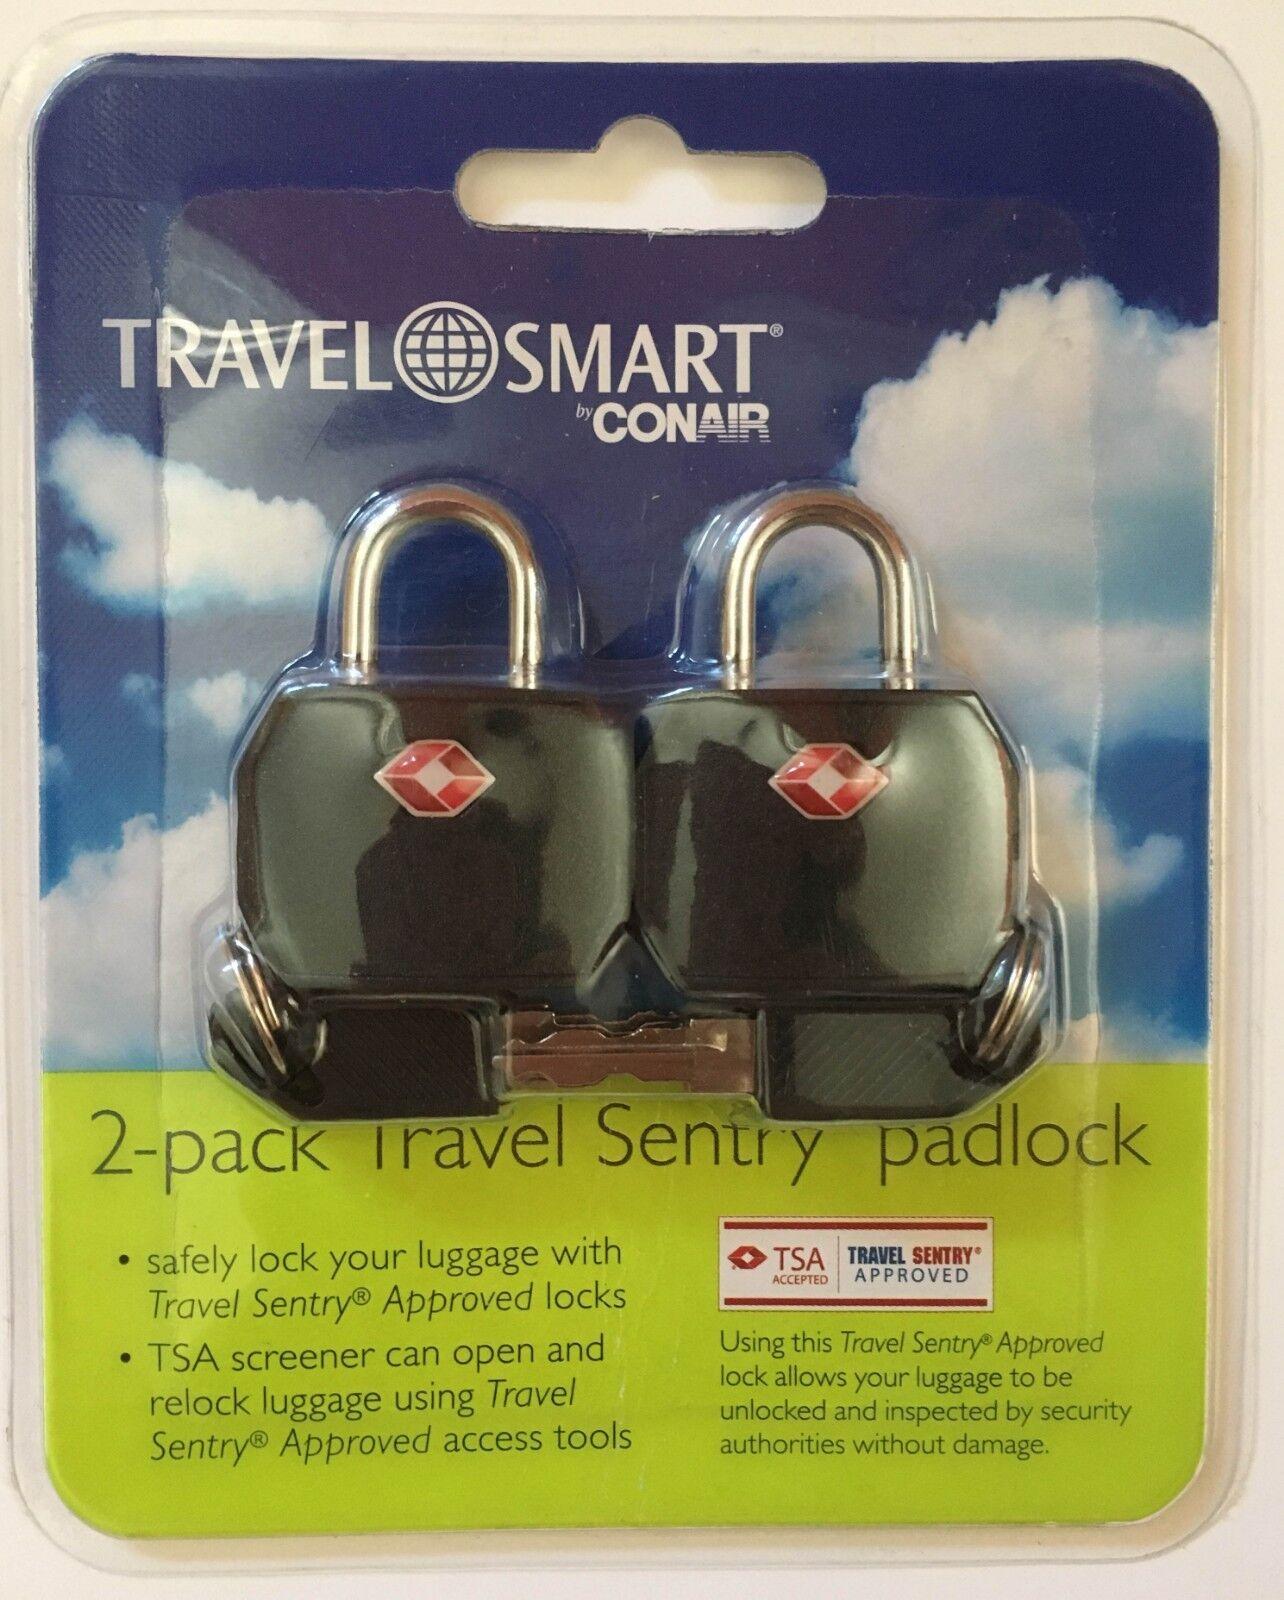 travel smart 2 pack travel sentry padlock